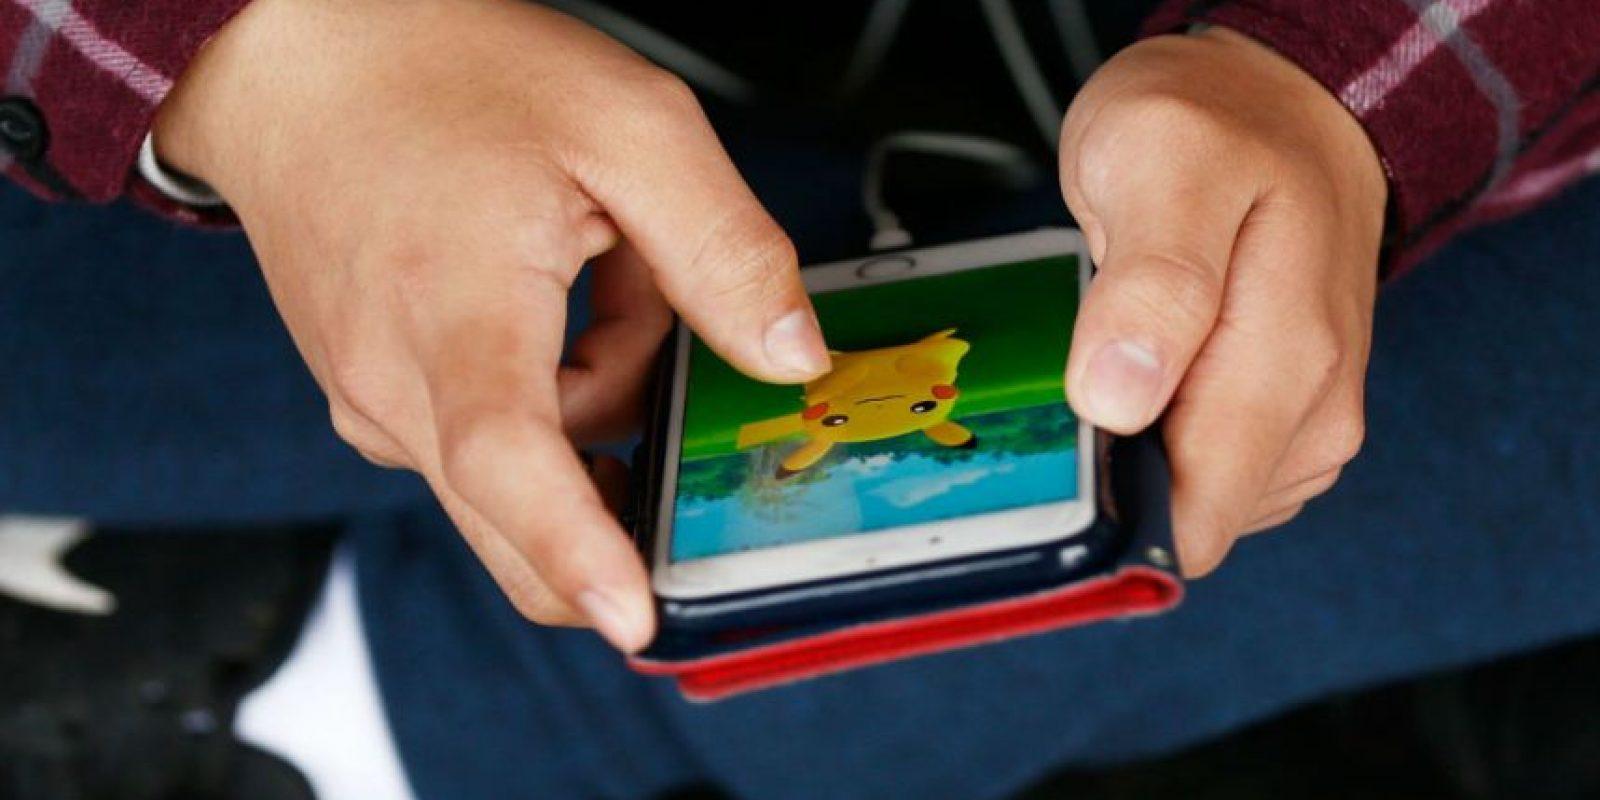 Está instalado en al menos 10% de los celulares del mundo entero. Foto:Getty Images